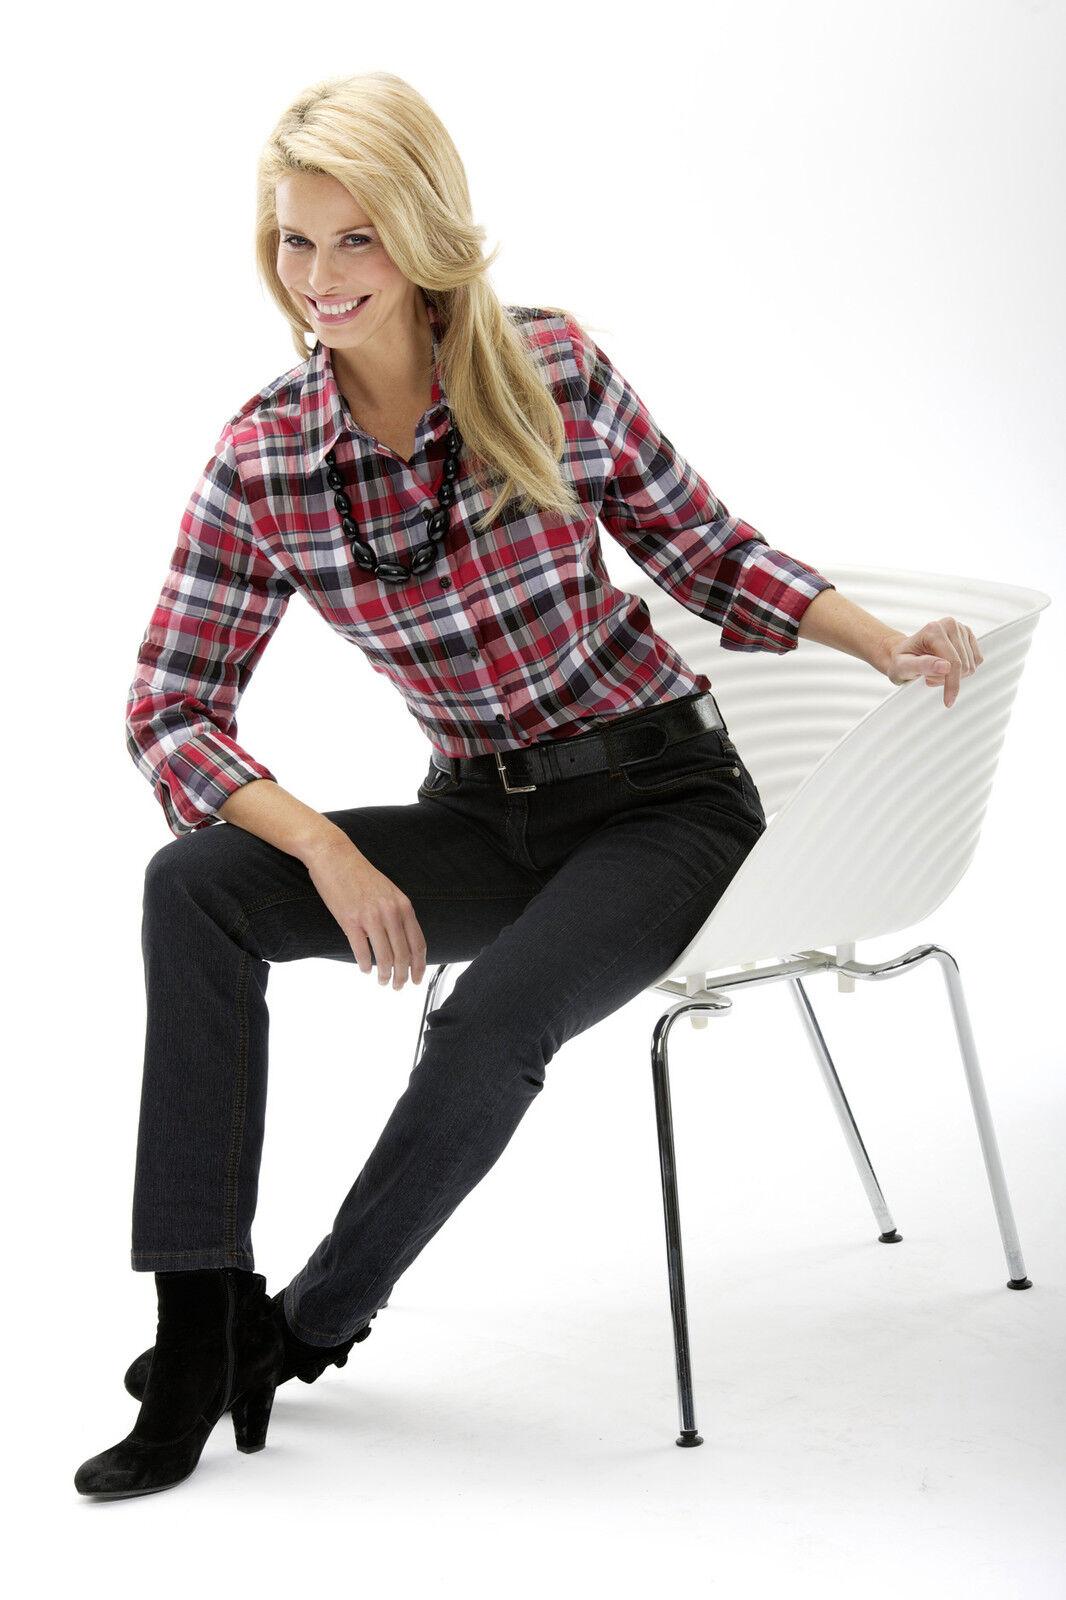 HS HS HS Fashion sportlich-elegante rote KaroBlause | Trendy  | Berühmter Laden  | Elegante Und Stabile Verpackung  98f8c7